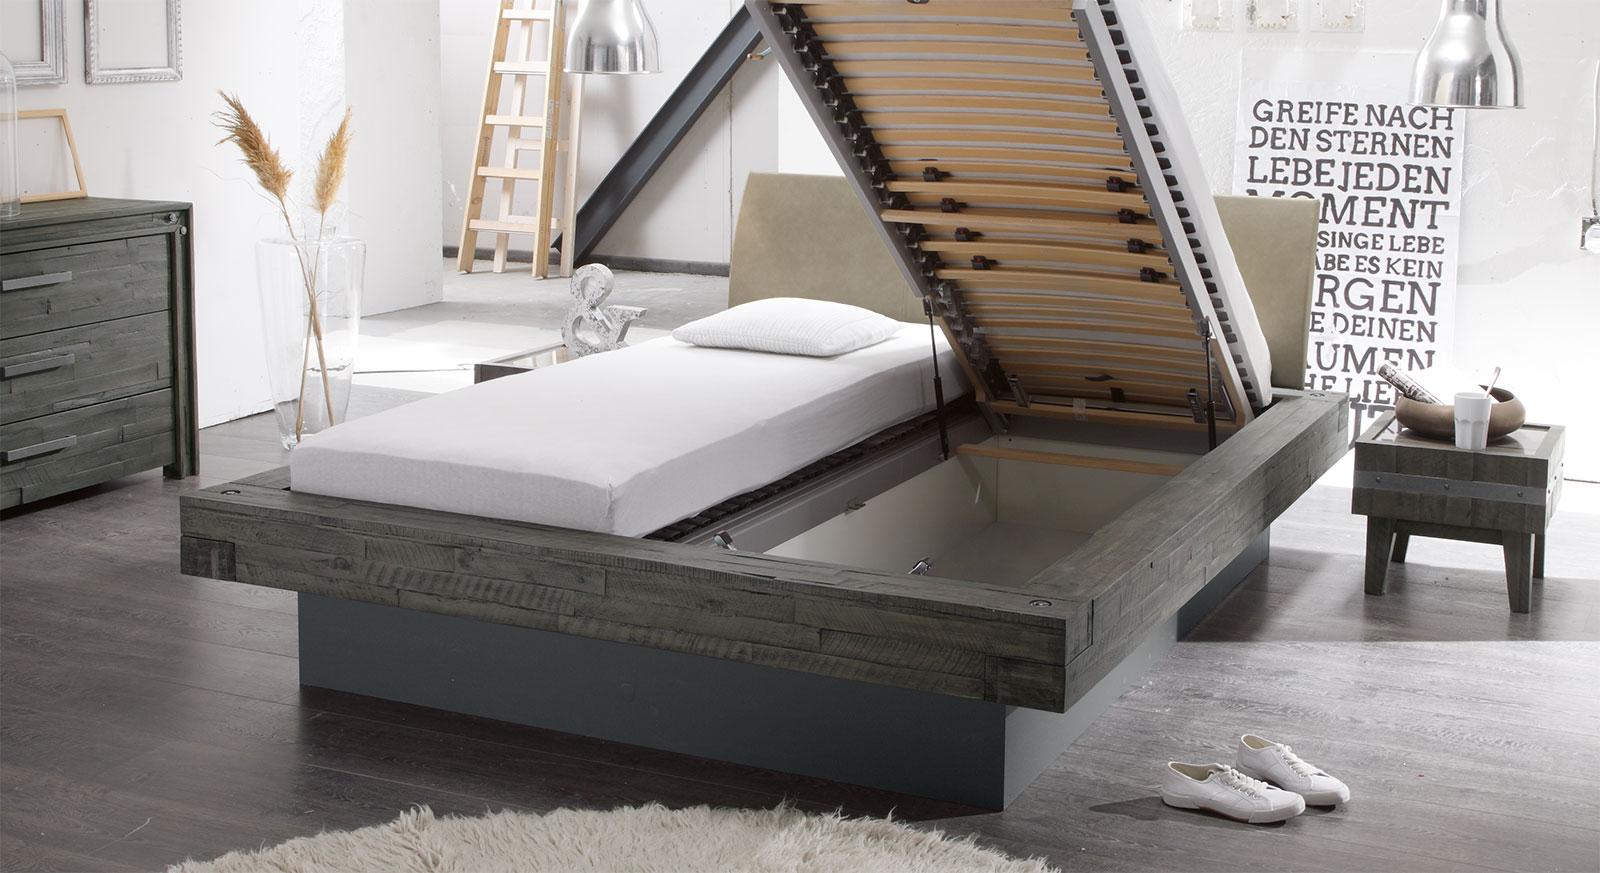 bett mit viel stauraum stauraumbett selbst bauen. Black Bedroom Furniture Sets. Home Design Ideas